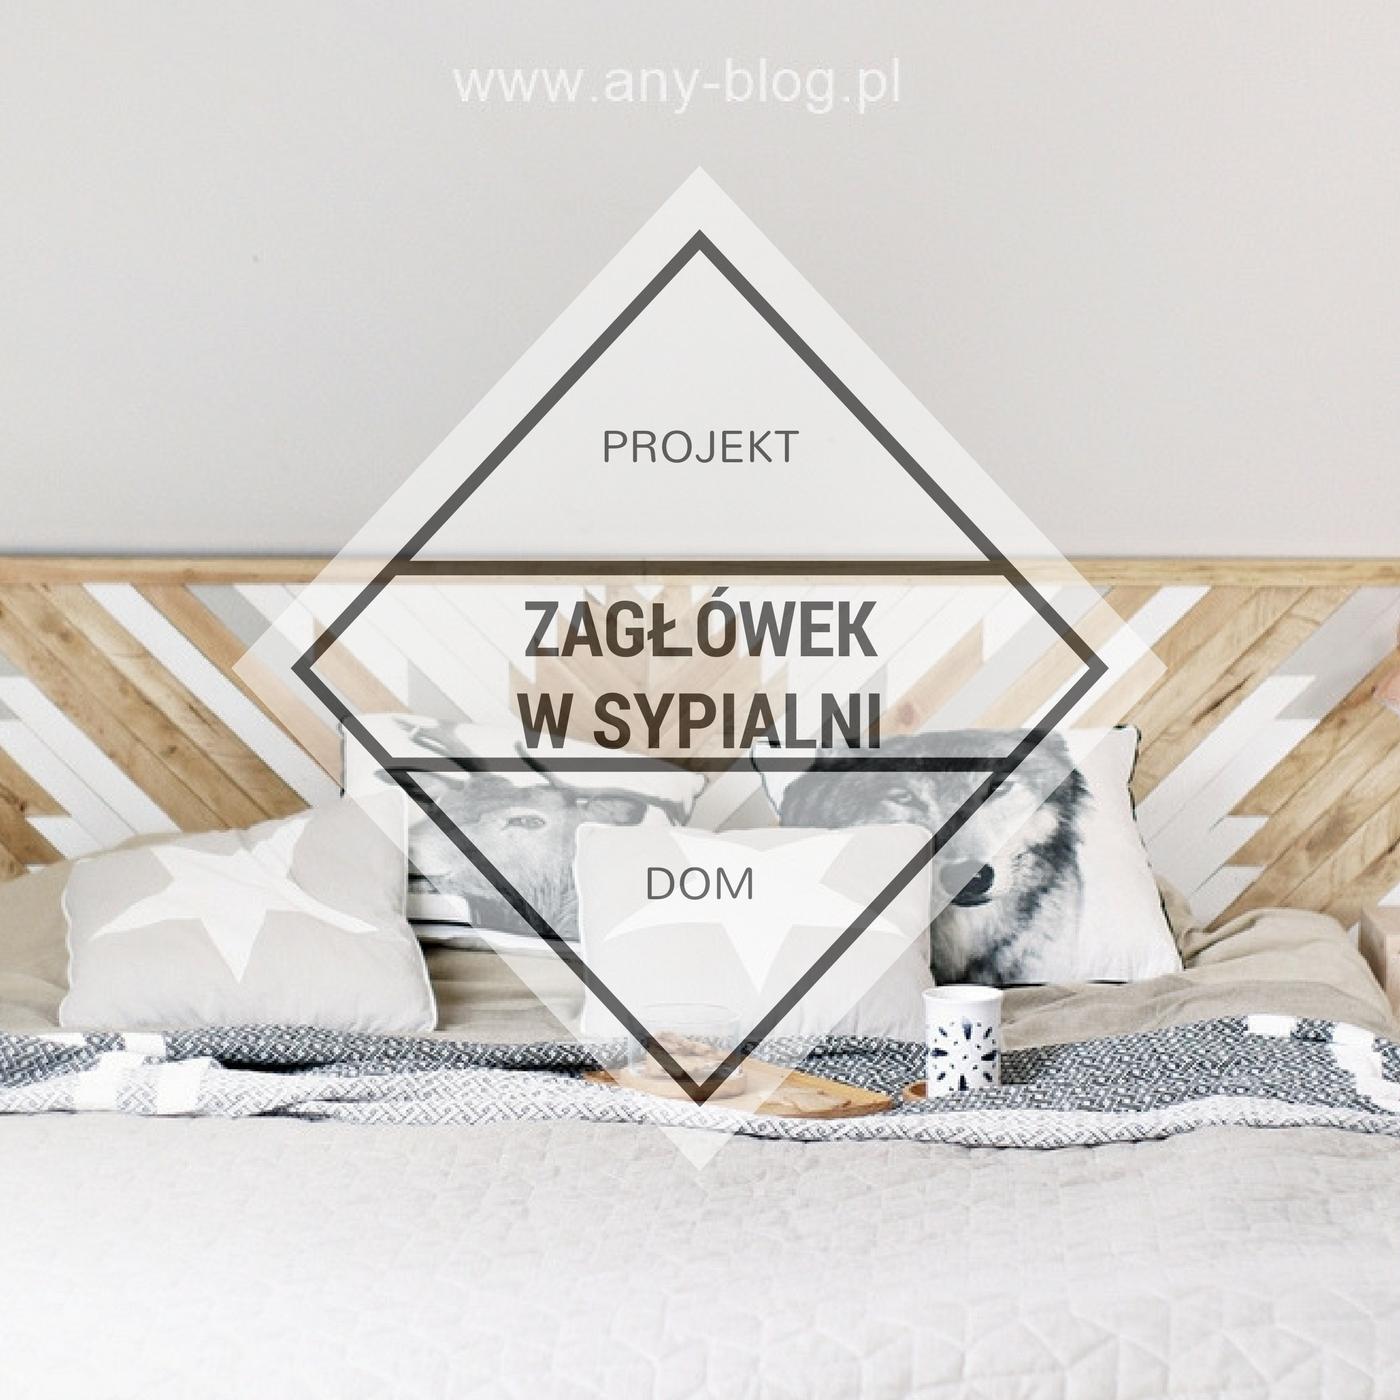 Metamorfoza sypialni, jak urządzić sypialnię w naturalnych kolorach, drewniany zagłówek, DIY, tylko na www.wny-blog.pl